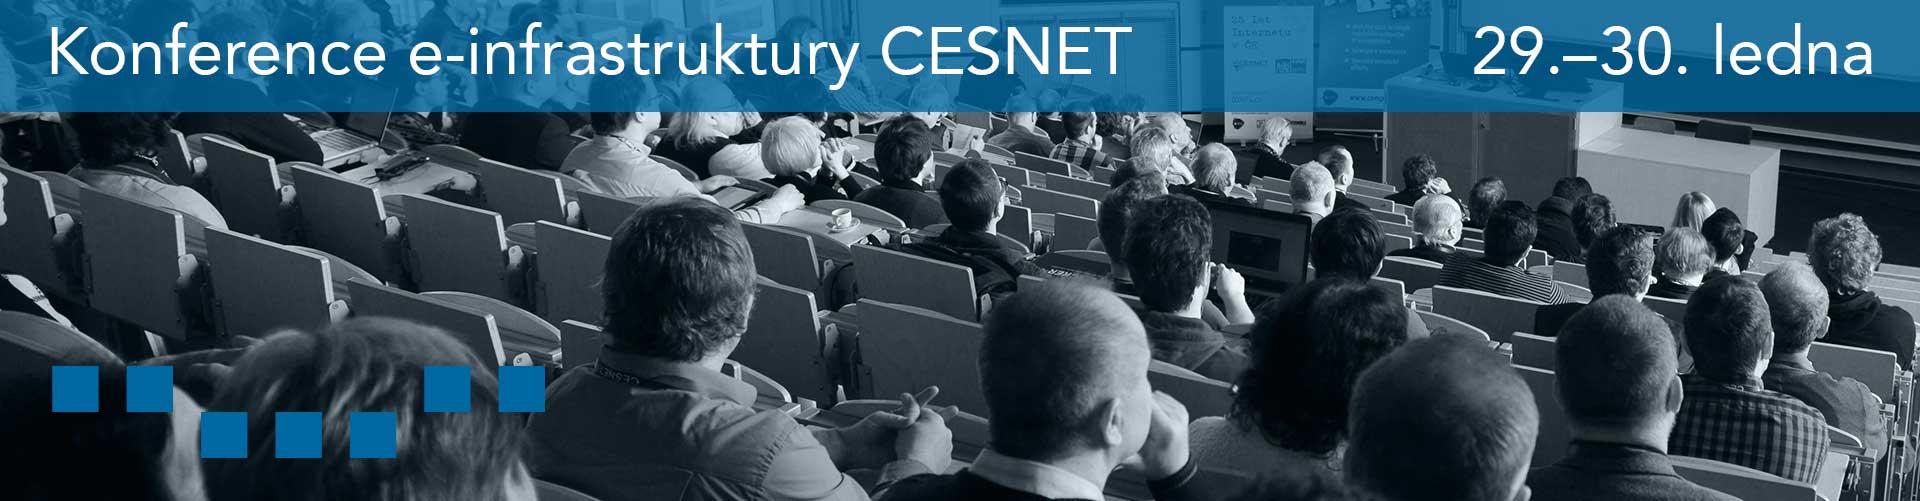 Konference e-infrastruktury CESNET 2019